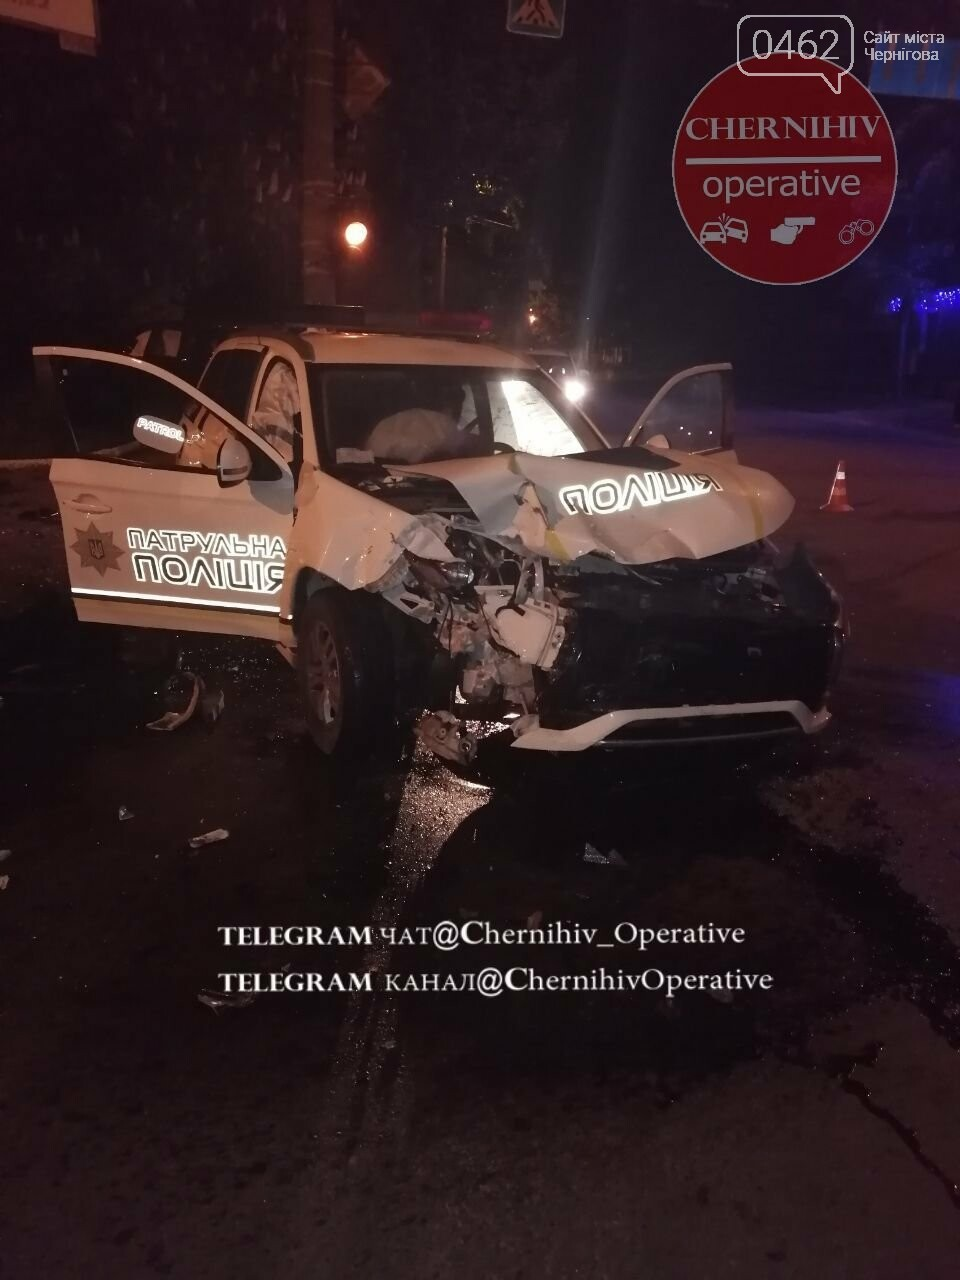 У Чернігові патрульний позашляховик потрапив у ДТП, фото-2